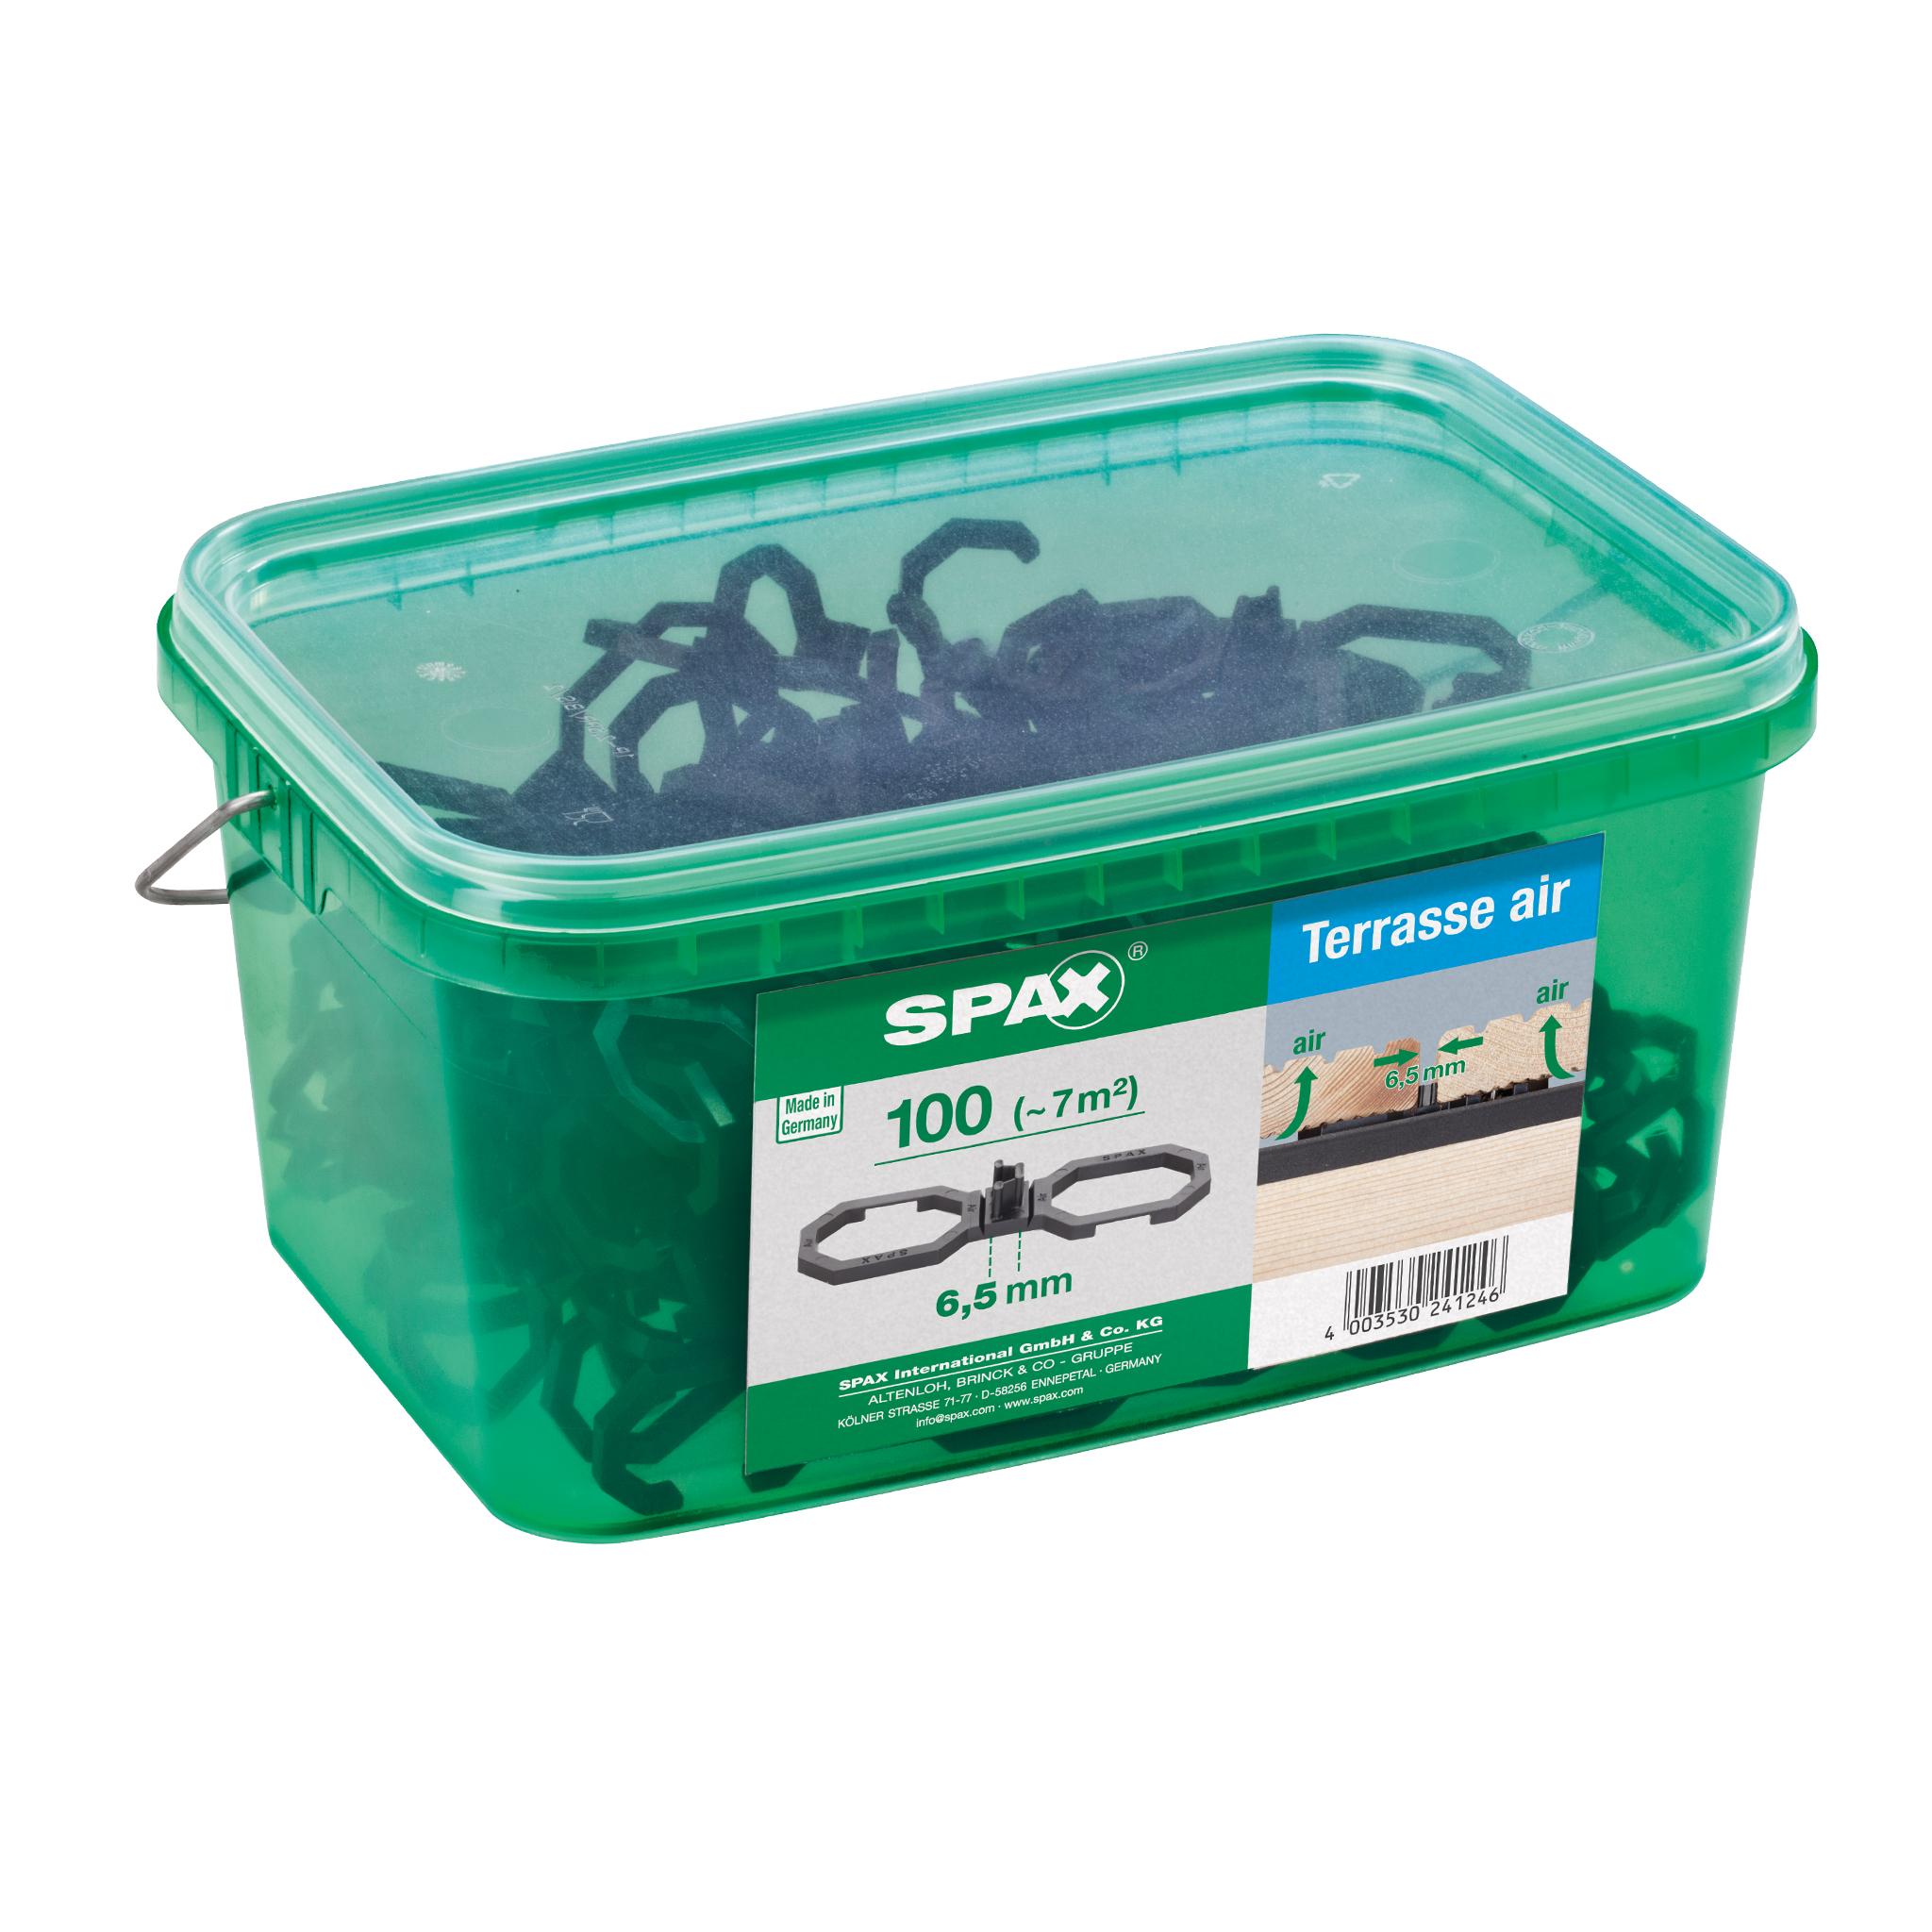 SPAX Terrasse Air Abstandshalter 6,5mm